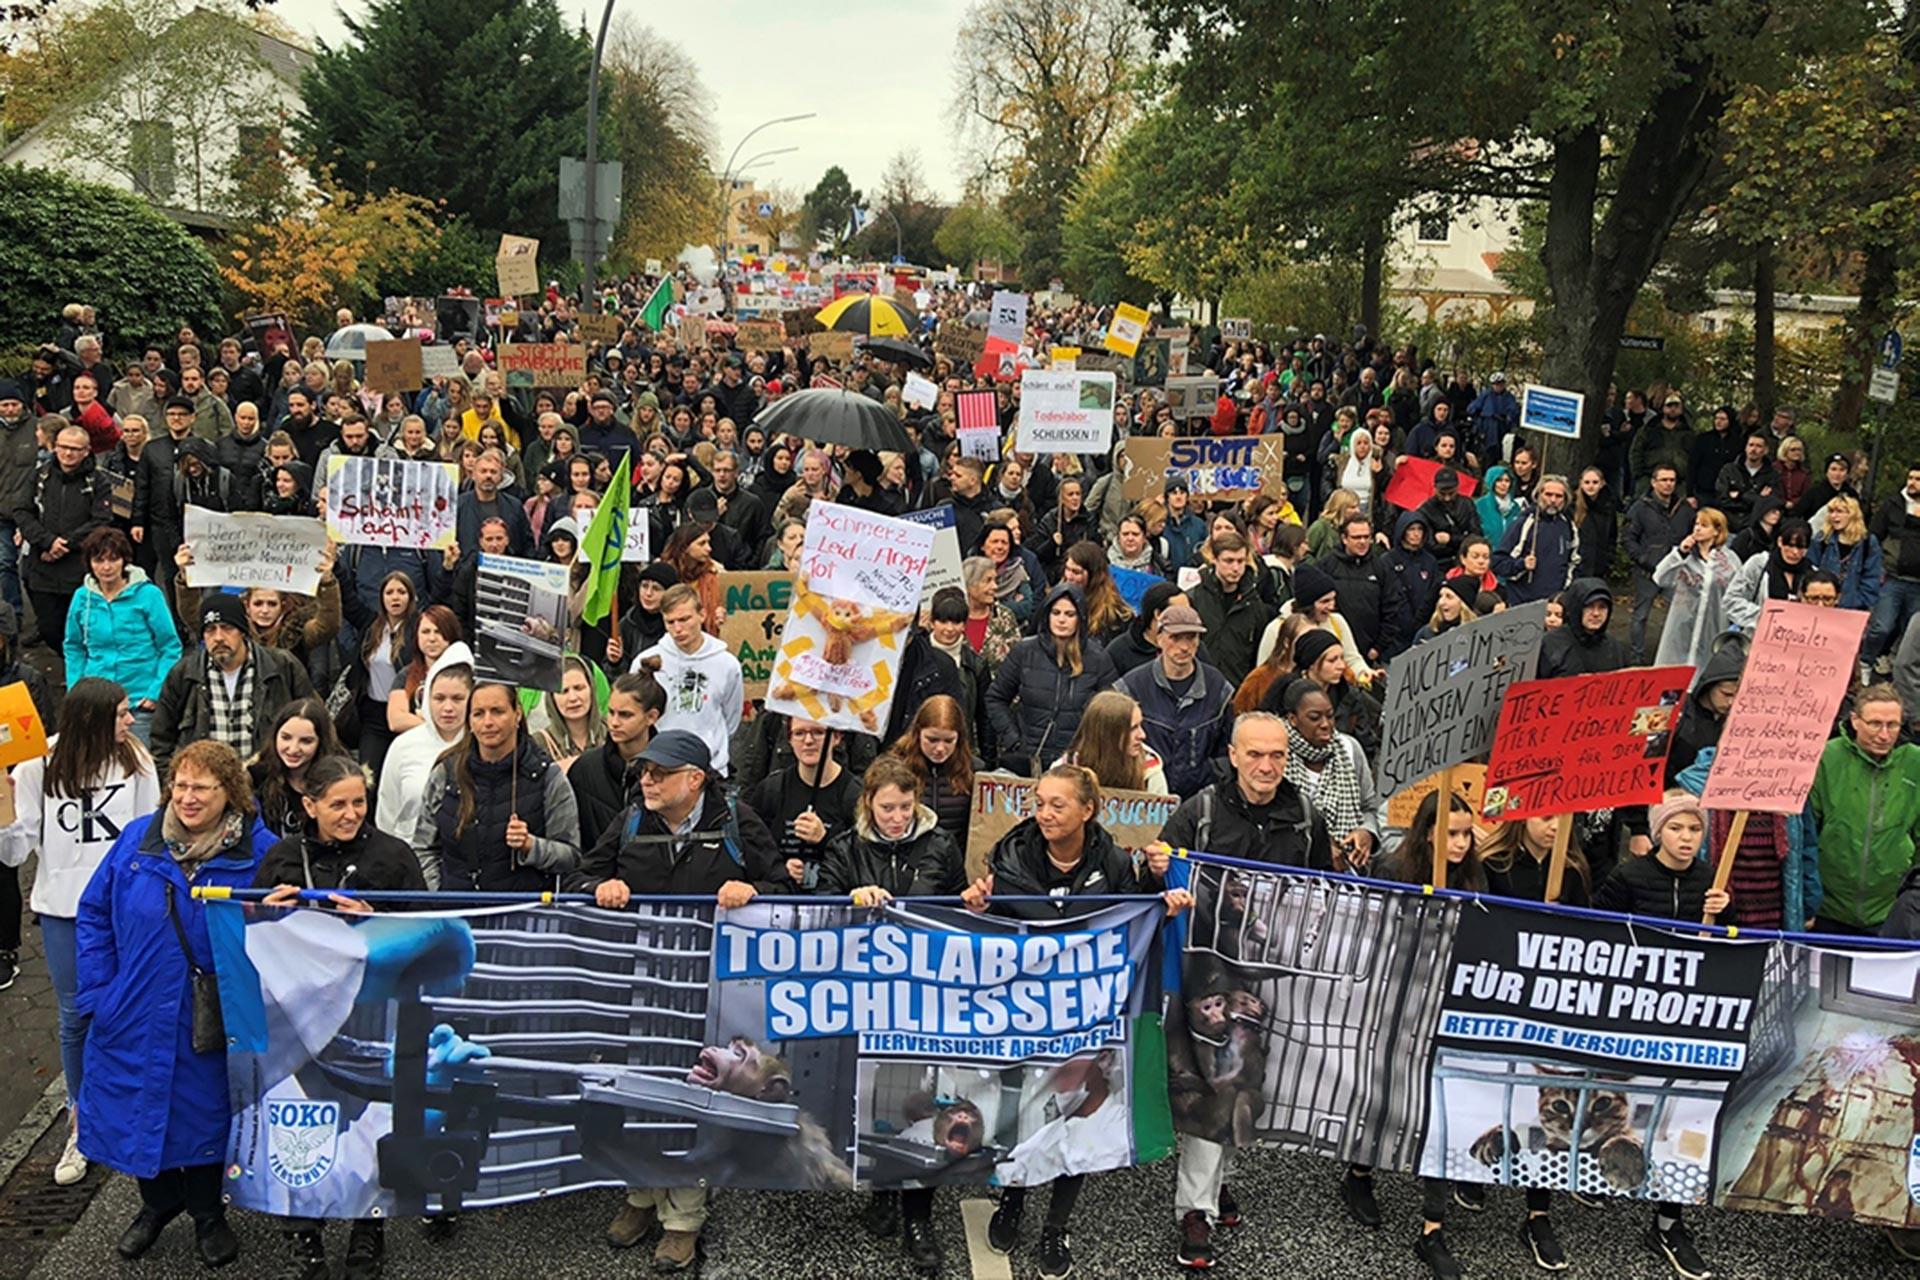 Hamburg'daki hayvan hakları mitingine katılanlar, ellerinde 'Ölüm laboratuvarı kapatılsın!' ve 'Kâr için zehirlendi!' yazılı pankartlarla yürürken